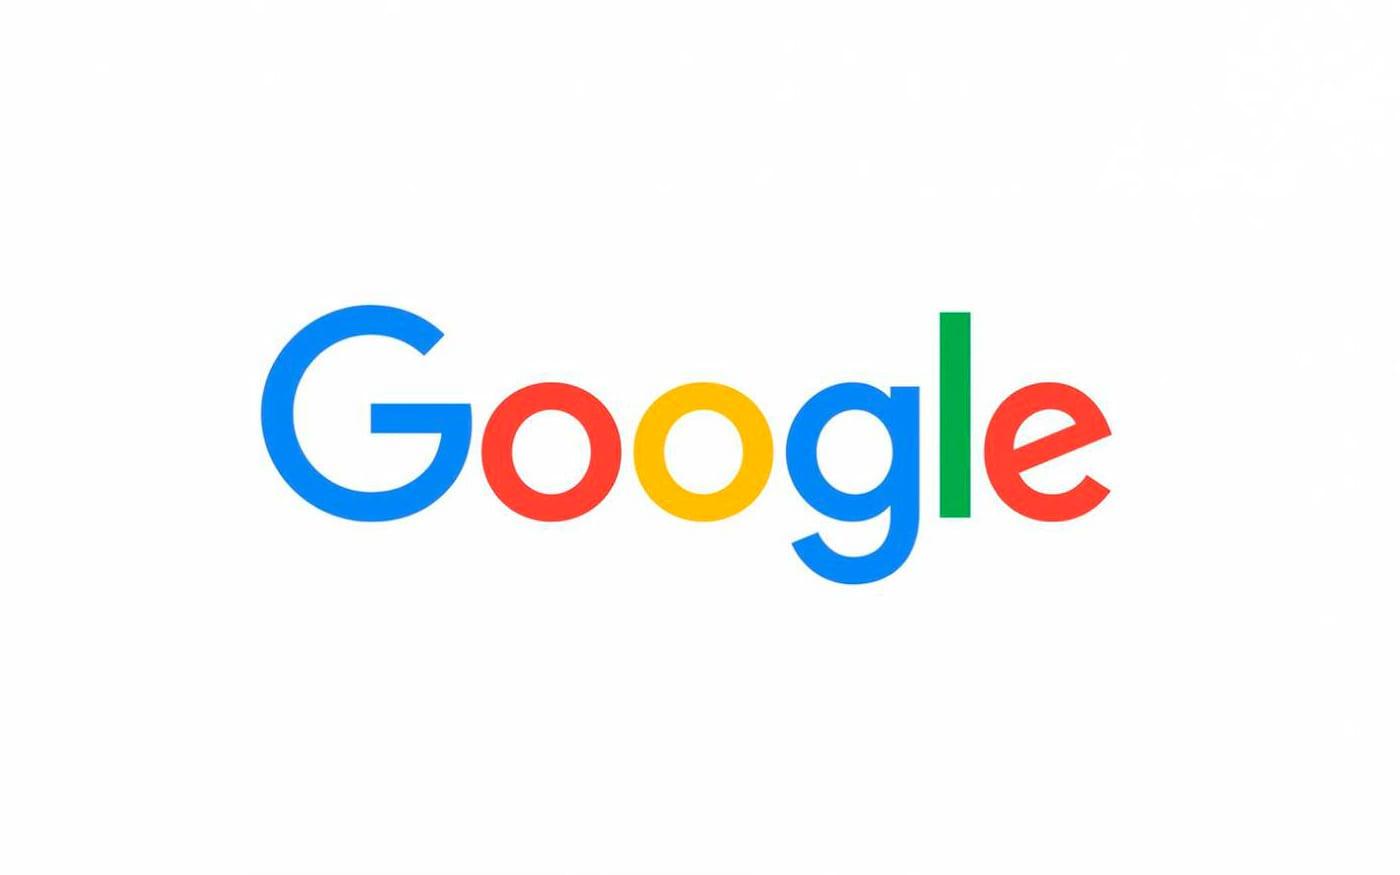 Google atinge US$1 trilhão em valor